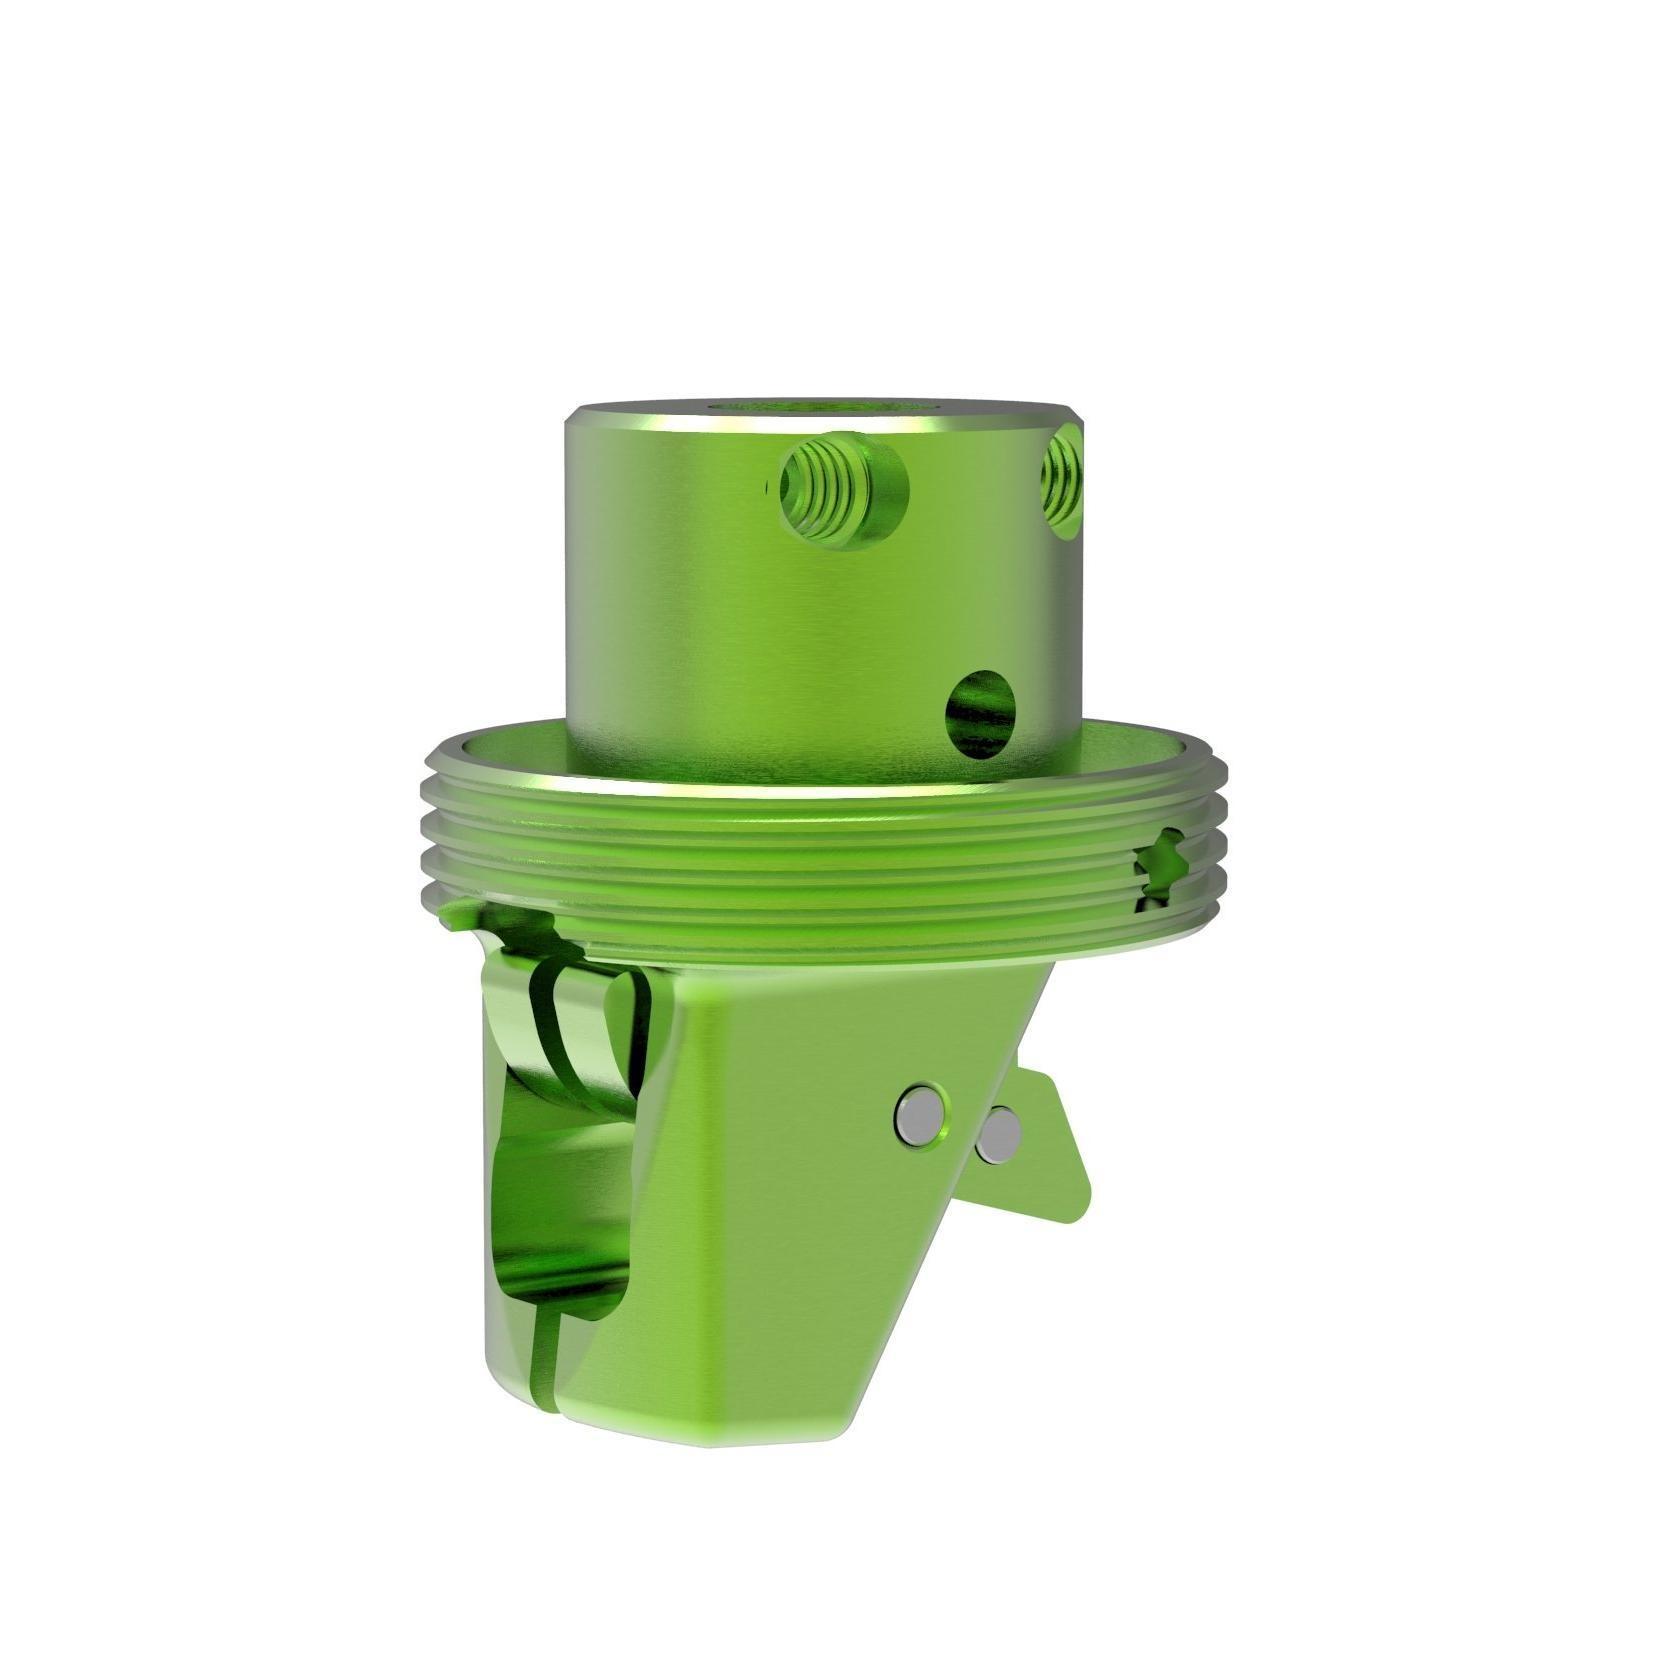 OneUp Dropper Actuator V2.1-1